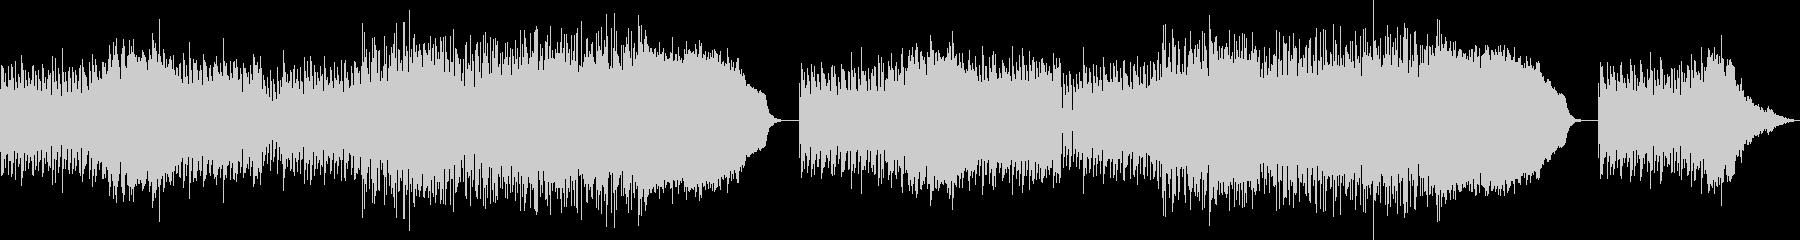 レトロゲーム風BGM(ダンジョン、緊迫)の未再生の波形